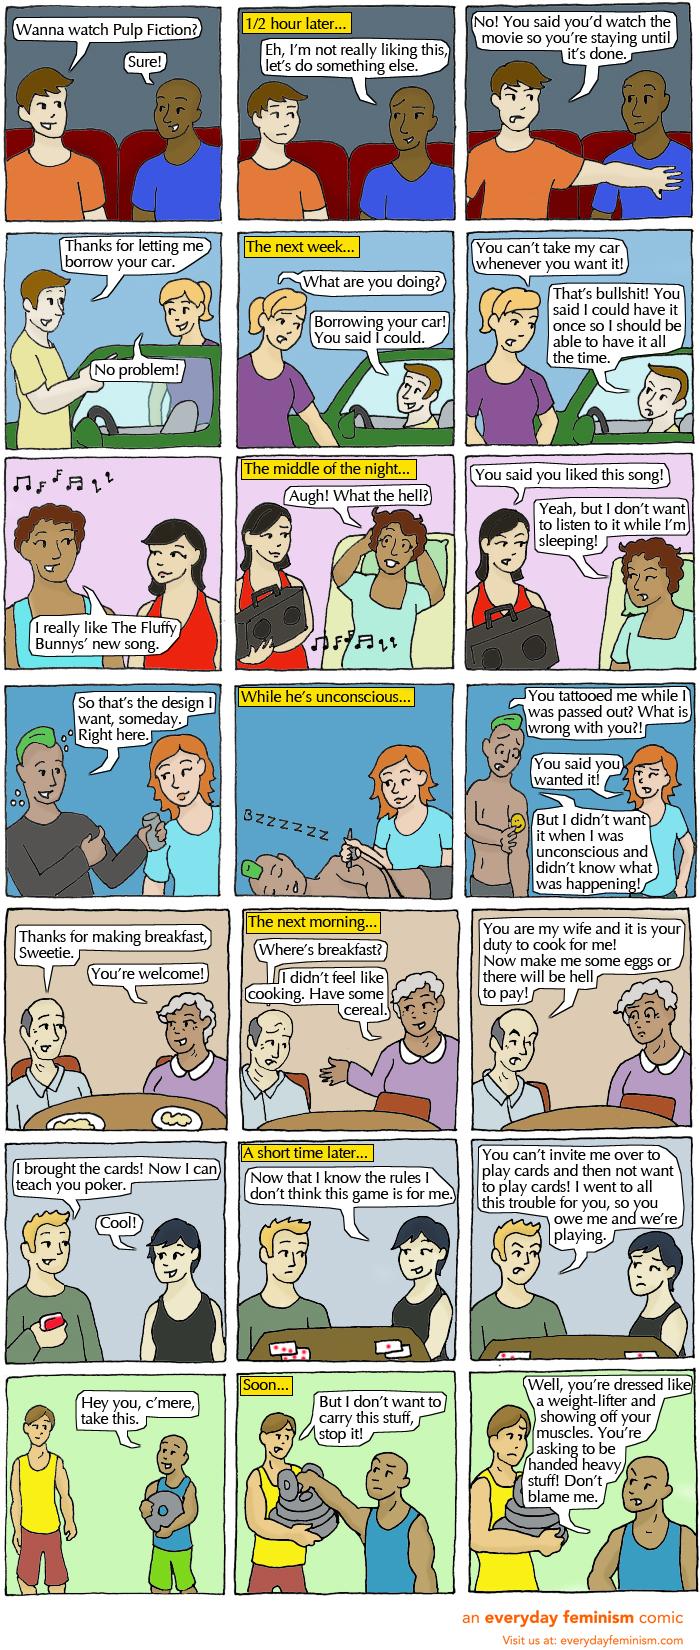 consent comic.jpg